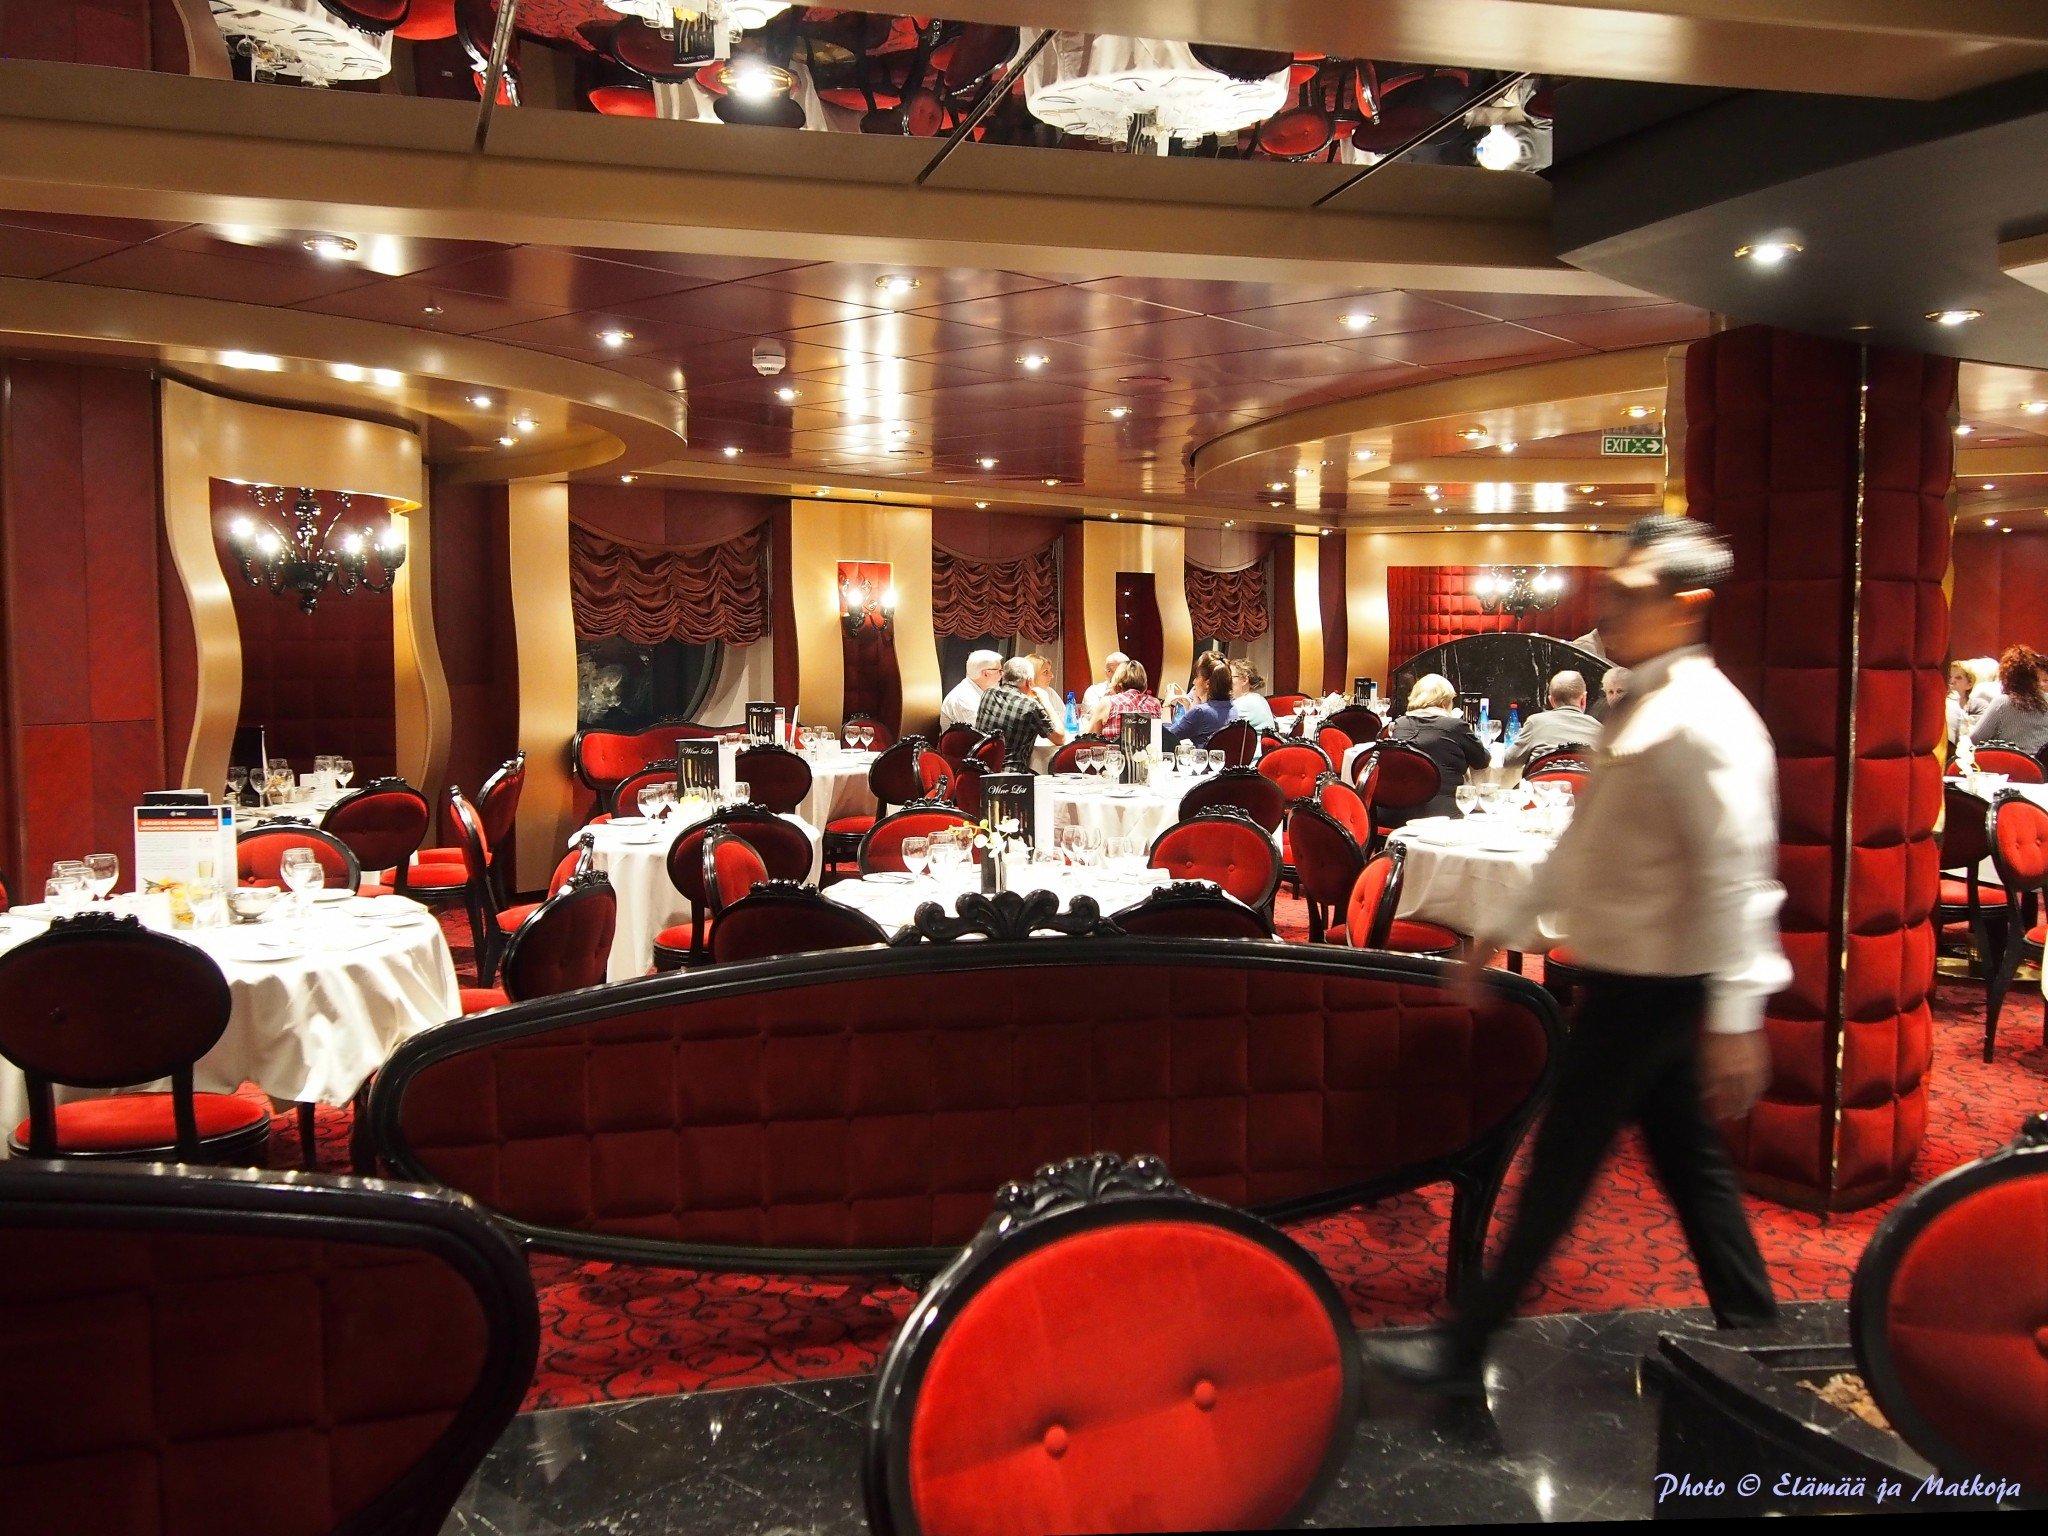 Ateriat Red Velvet ravintolassa kuuluvat risteilyn hintaan. Photo © Elämää ja Matkoja